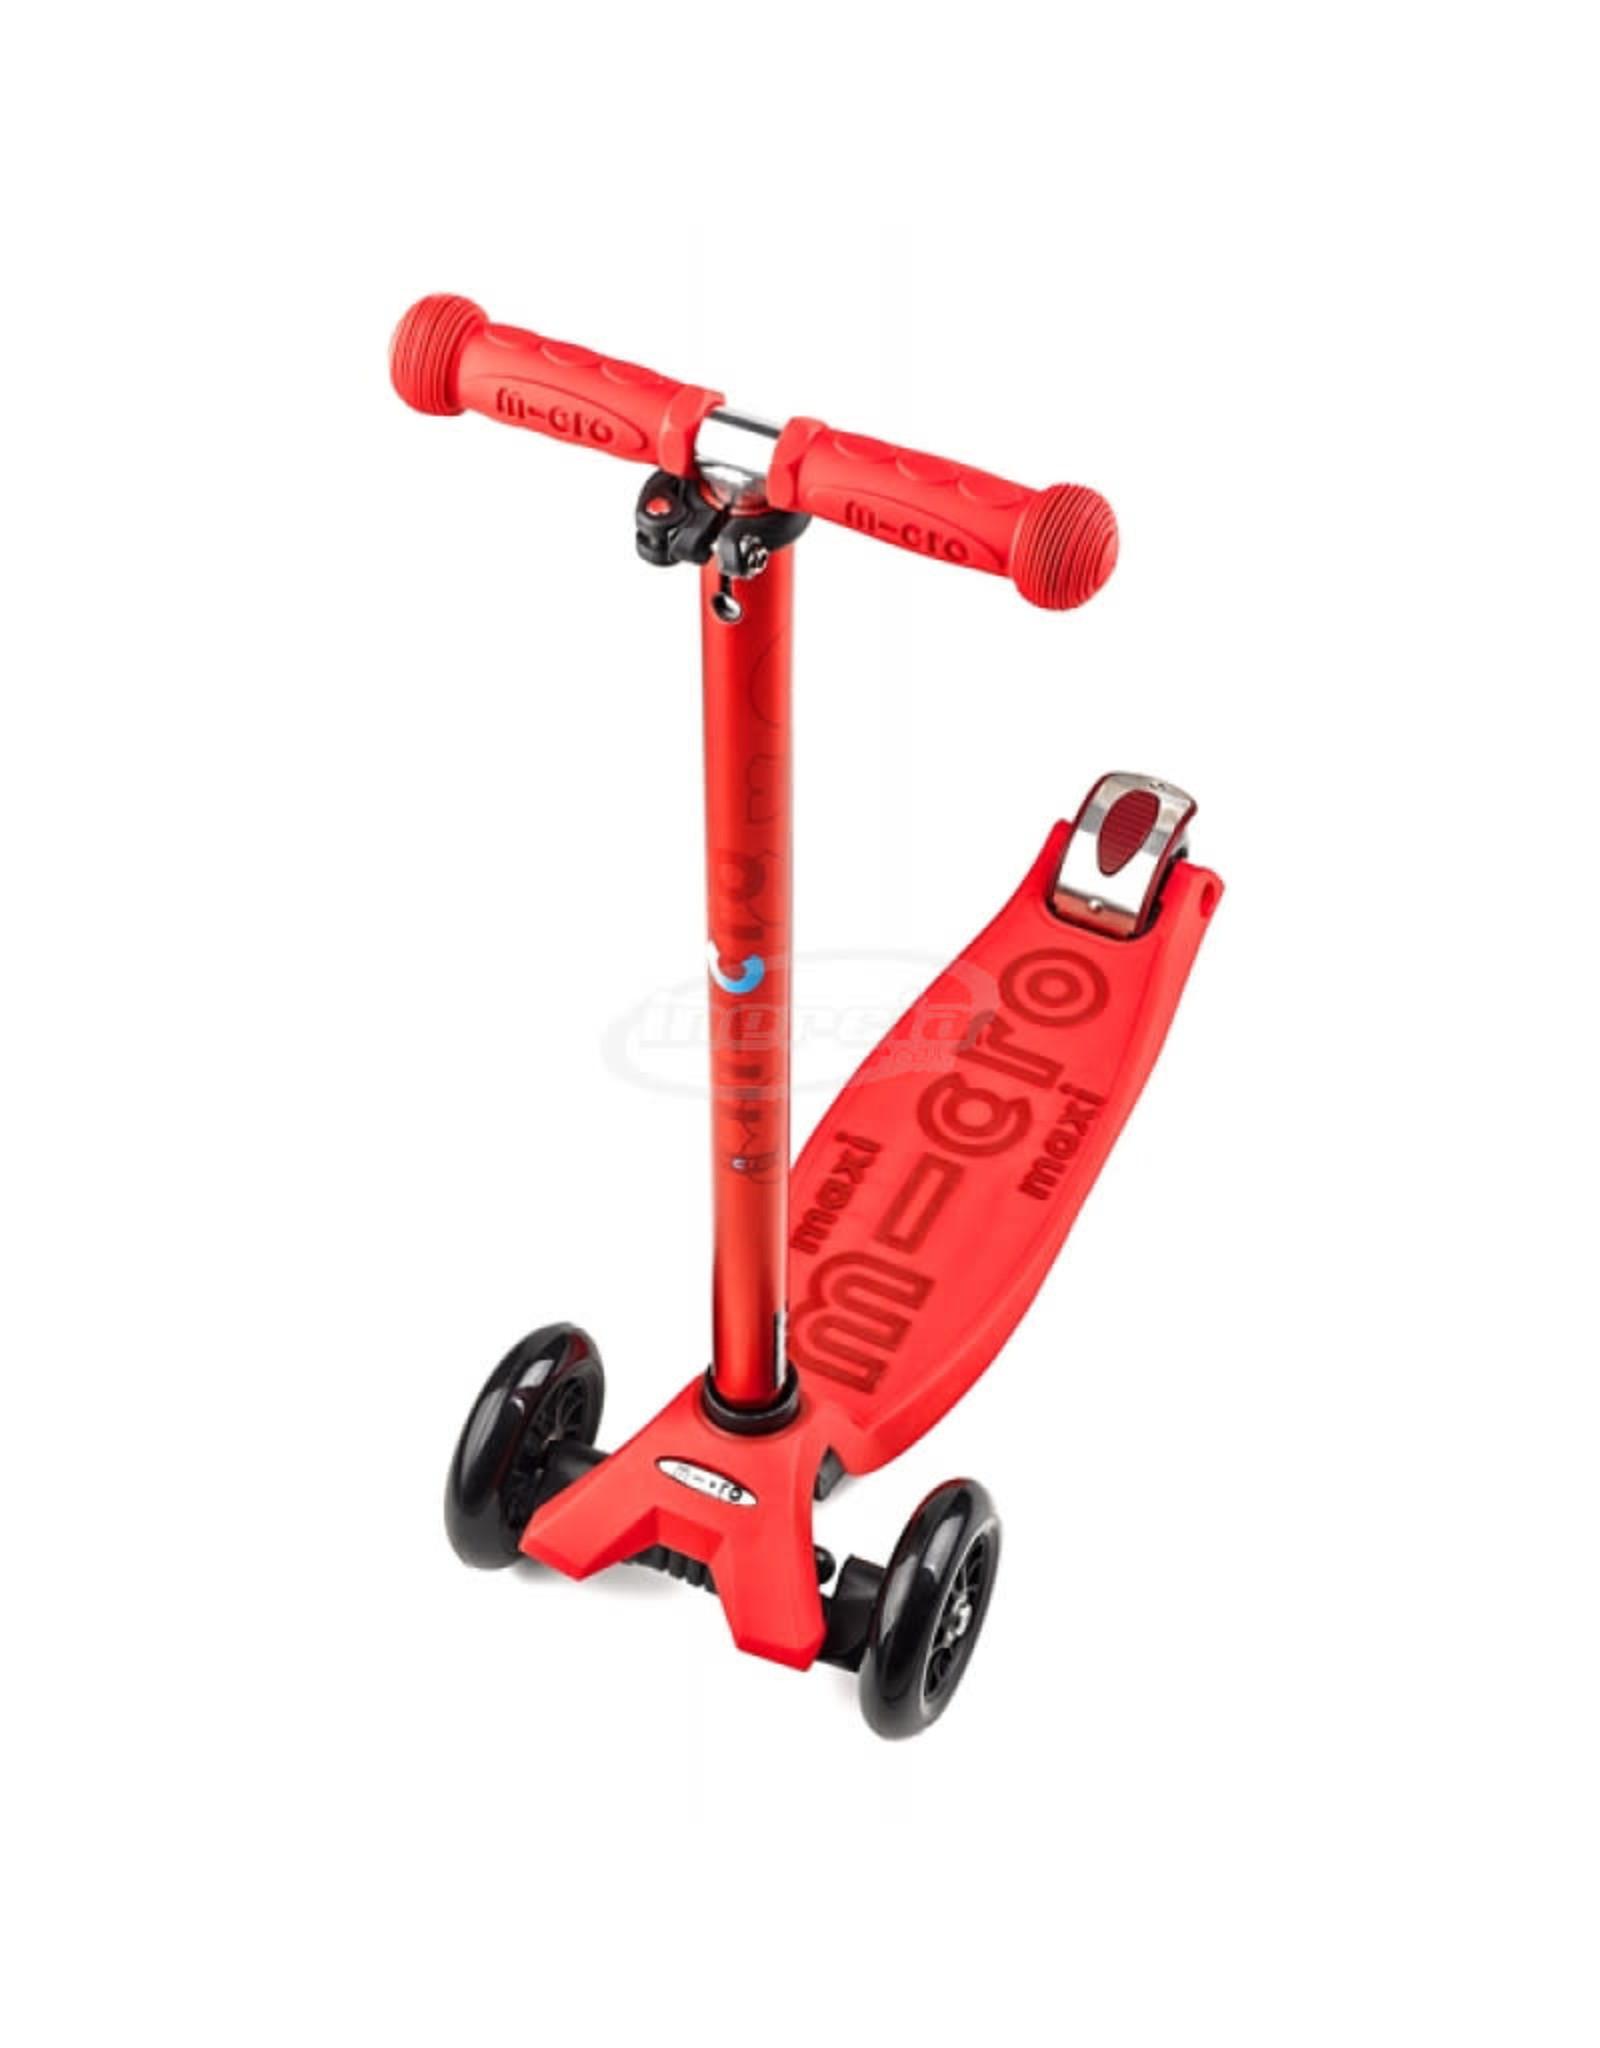 Kickboard Maxi Micro Deluxe - Red